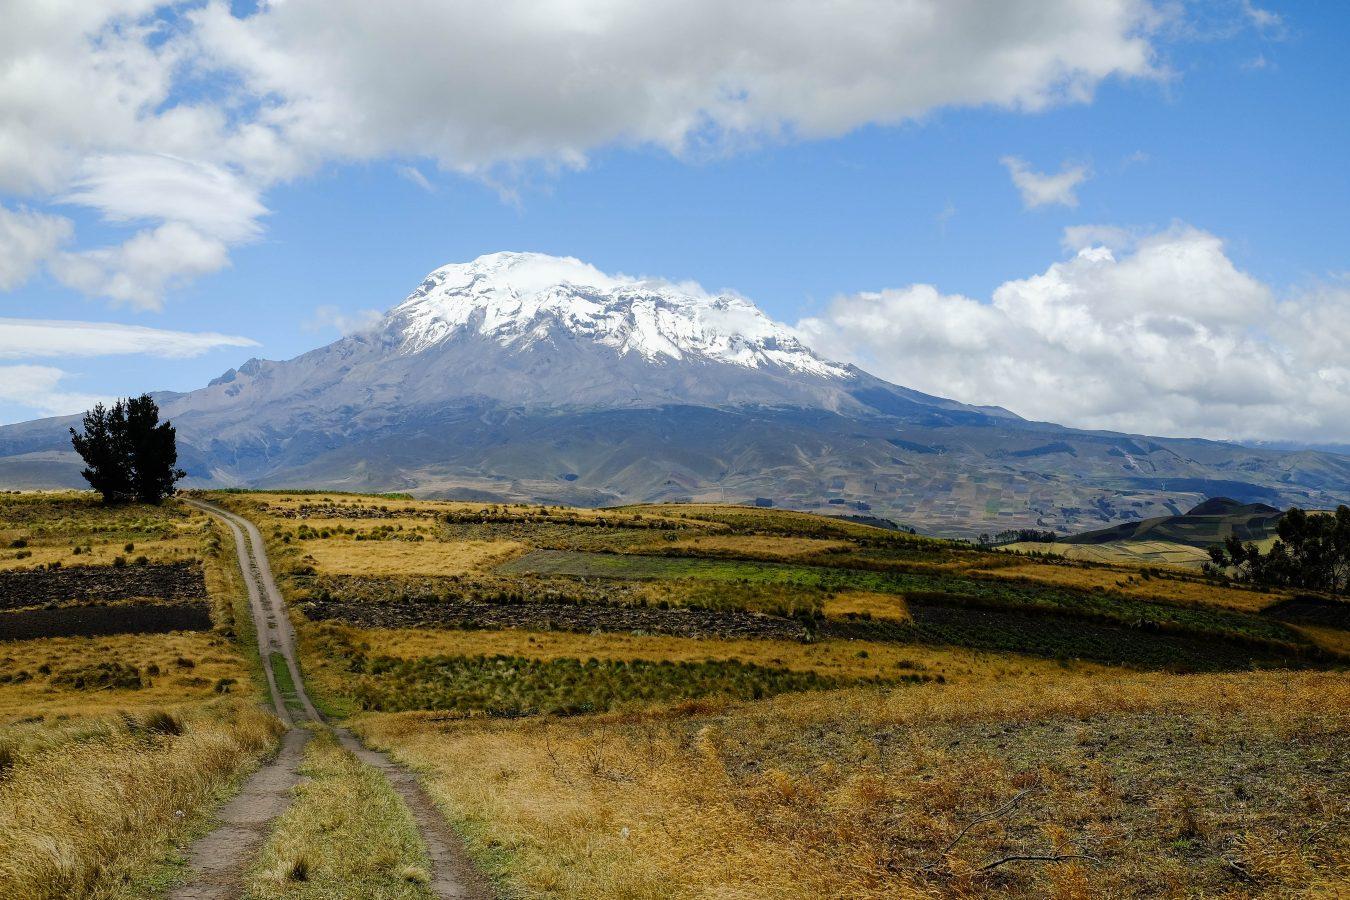 Le volcan Chimborazo, en Equateur